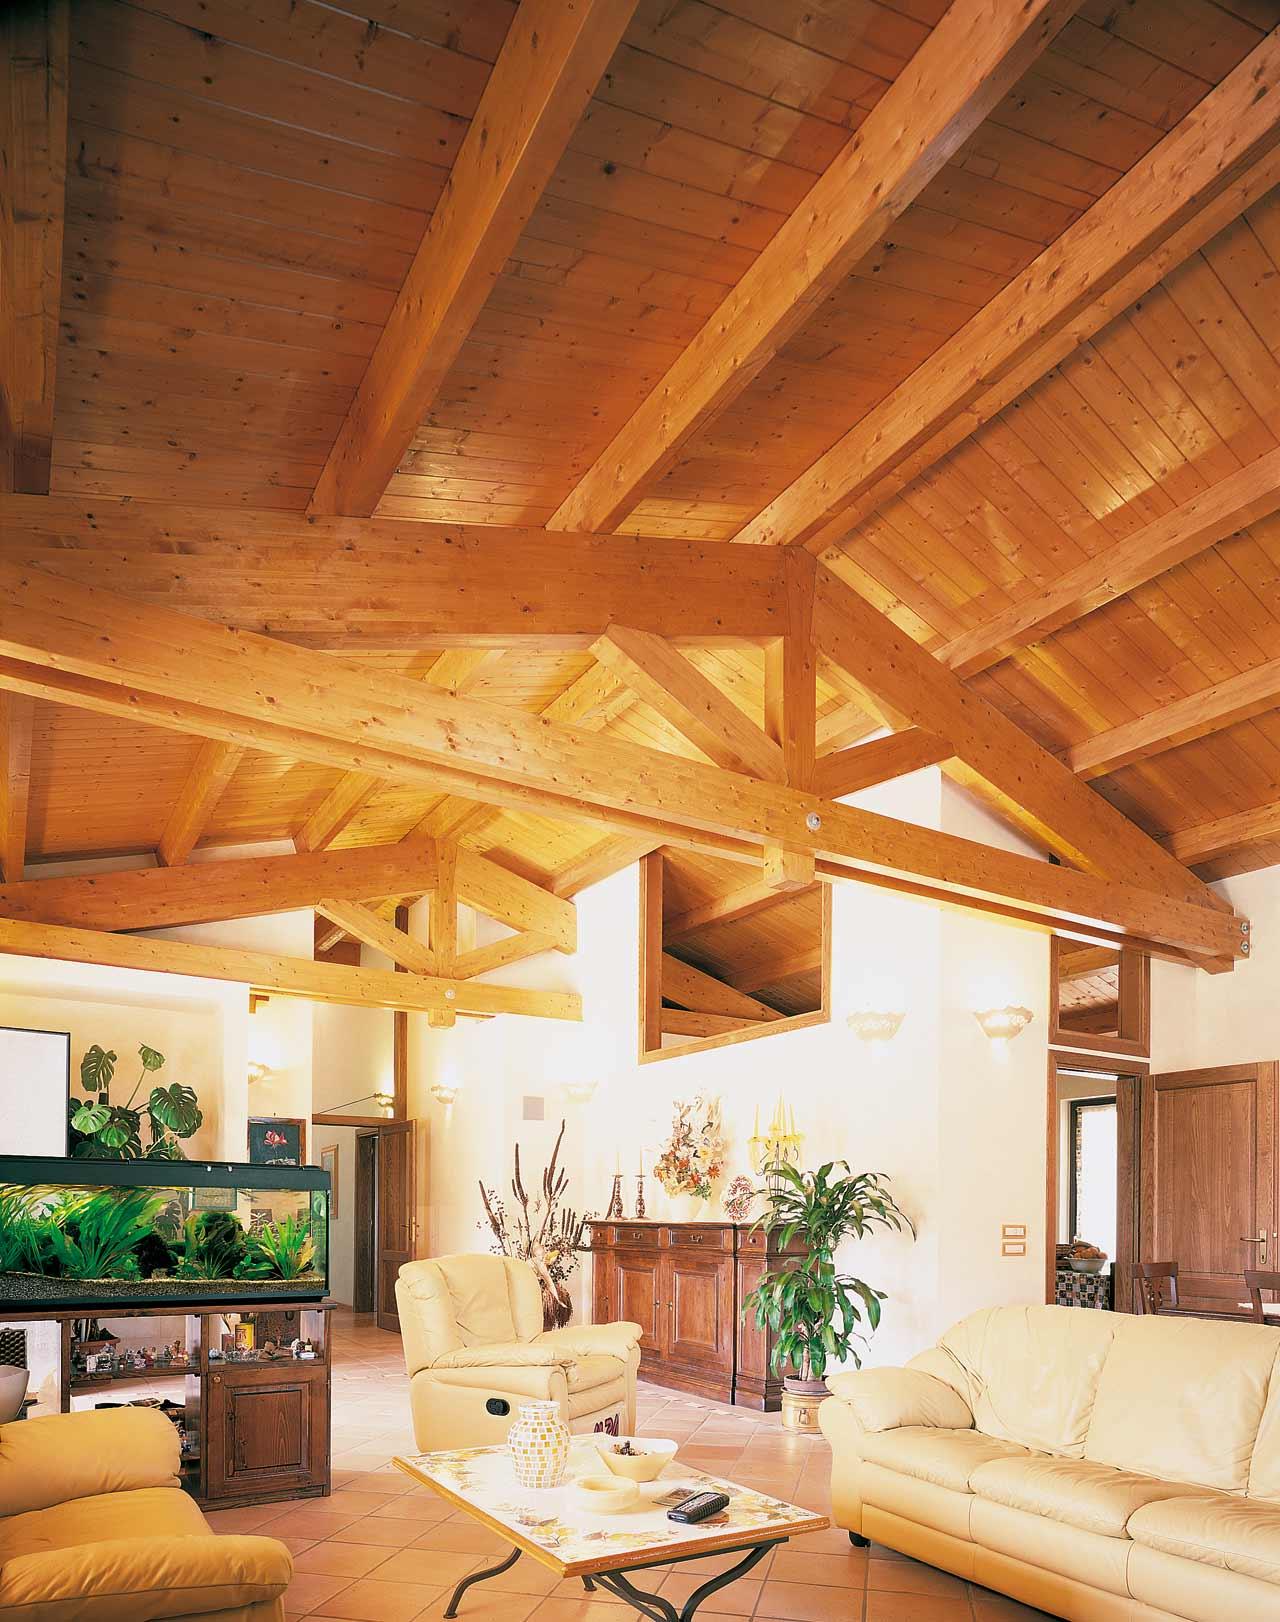 Tetto in legno casa perugia costantini sistema legno for Casa moderna con tetto in legno